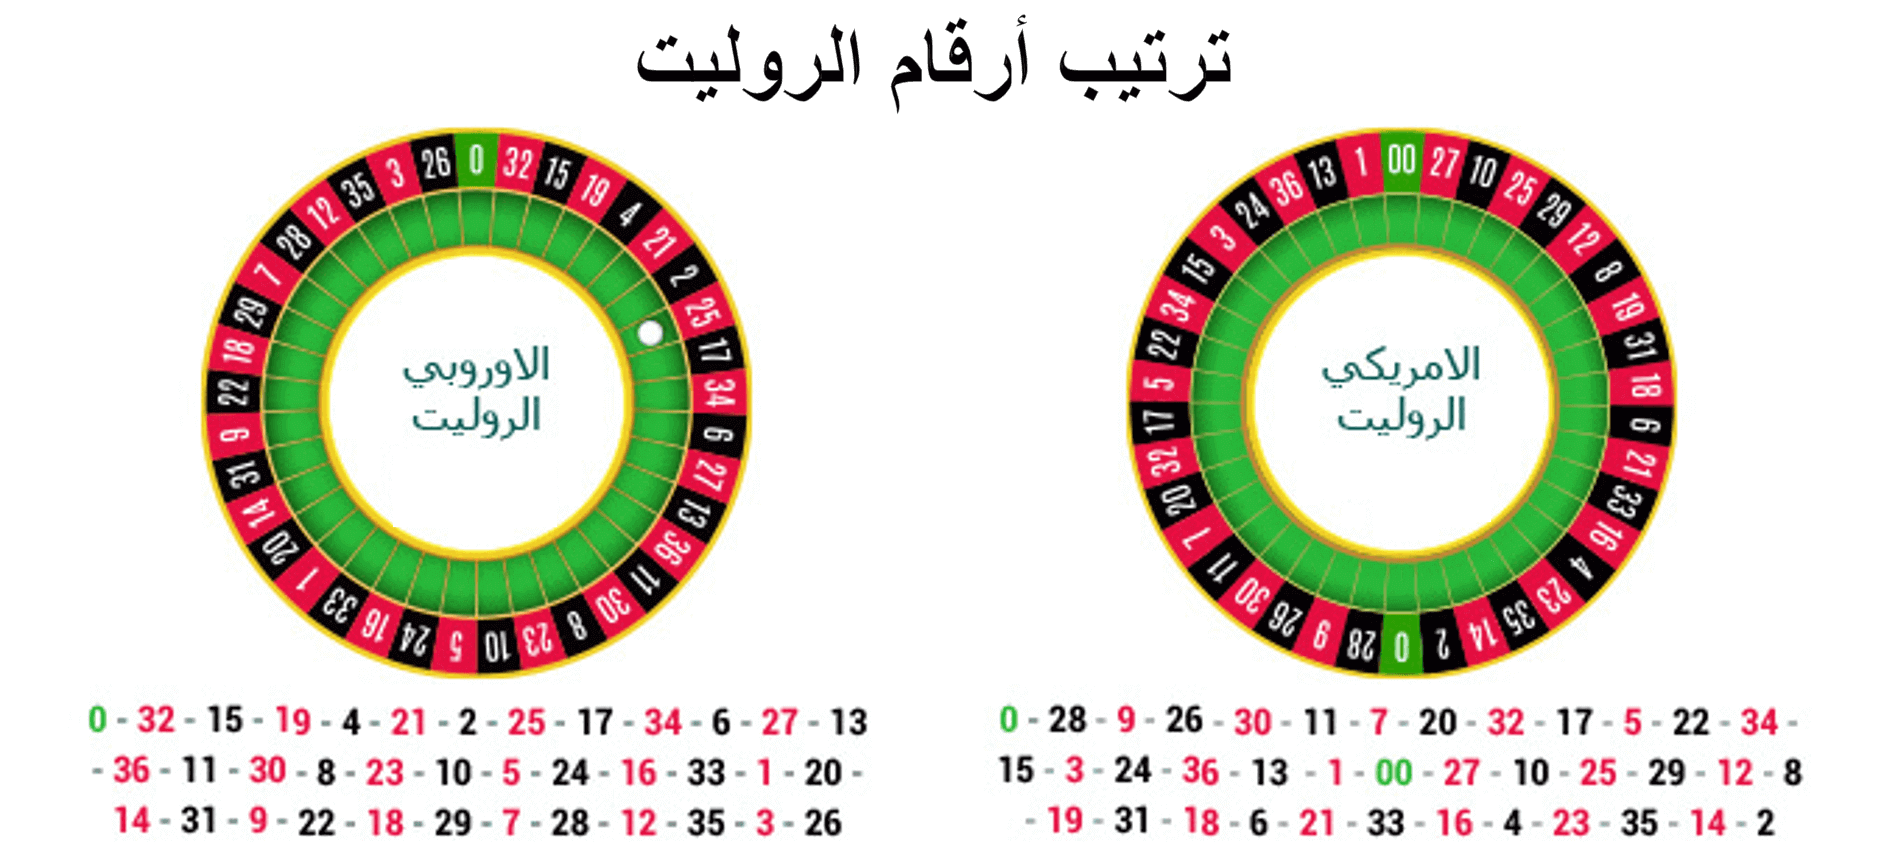 العاب مراهنات فاخرة - 51881